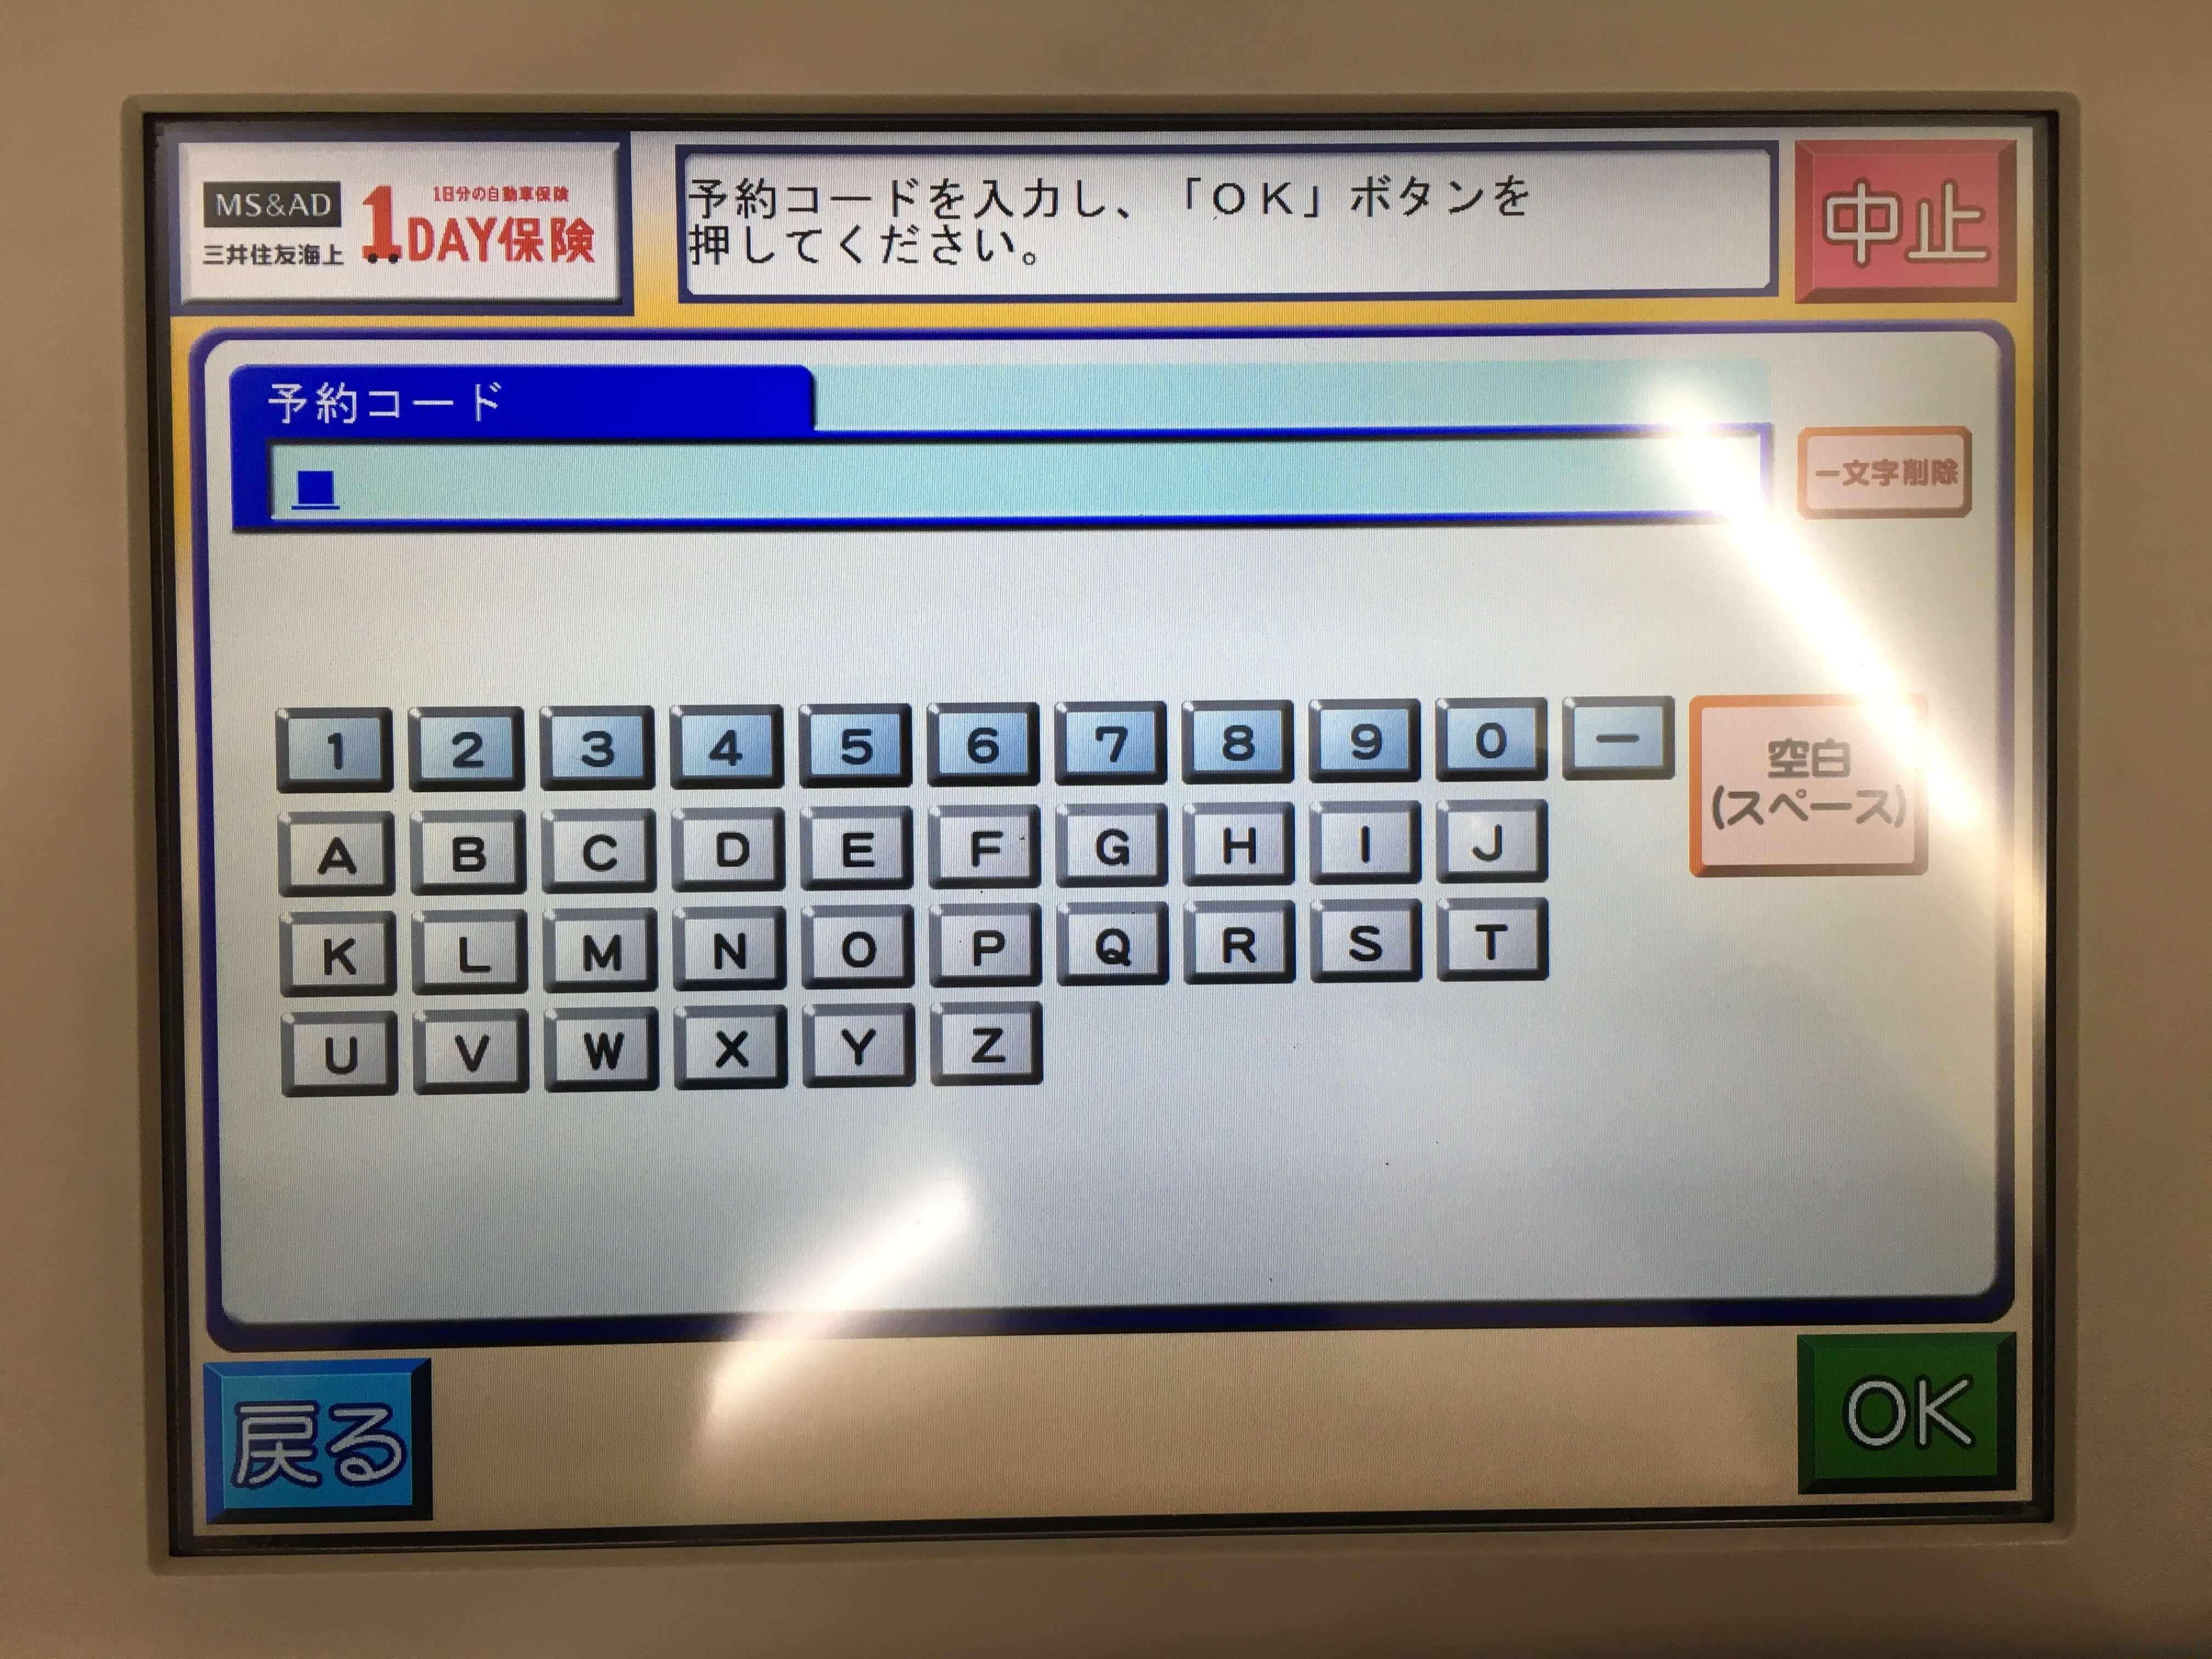 マルチコピー機の画面 予約コードの入力